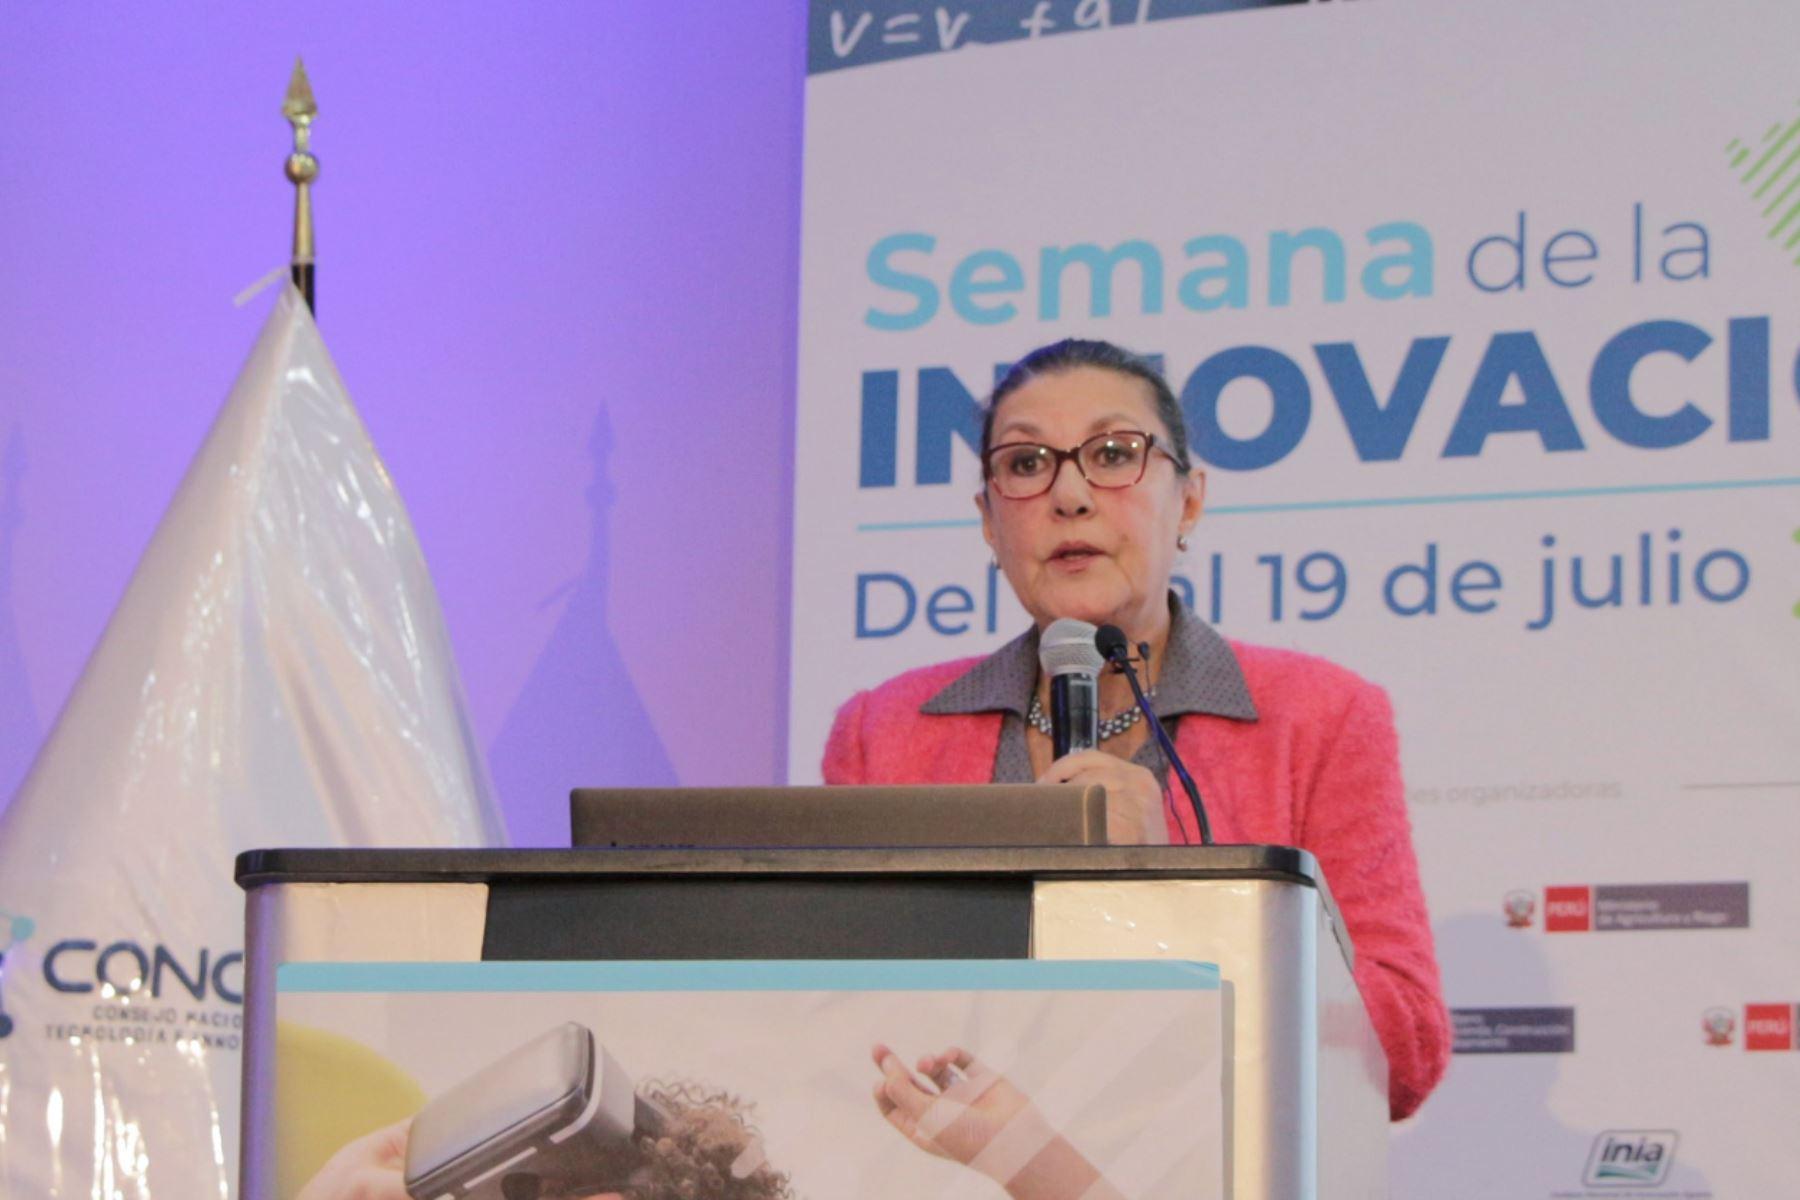 Fabiola León Velarde, participó en la clausura de la Semana Nacional de la Innovación 2019.Foto:ANDINA/Concytec